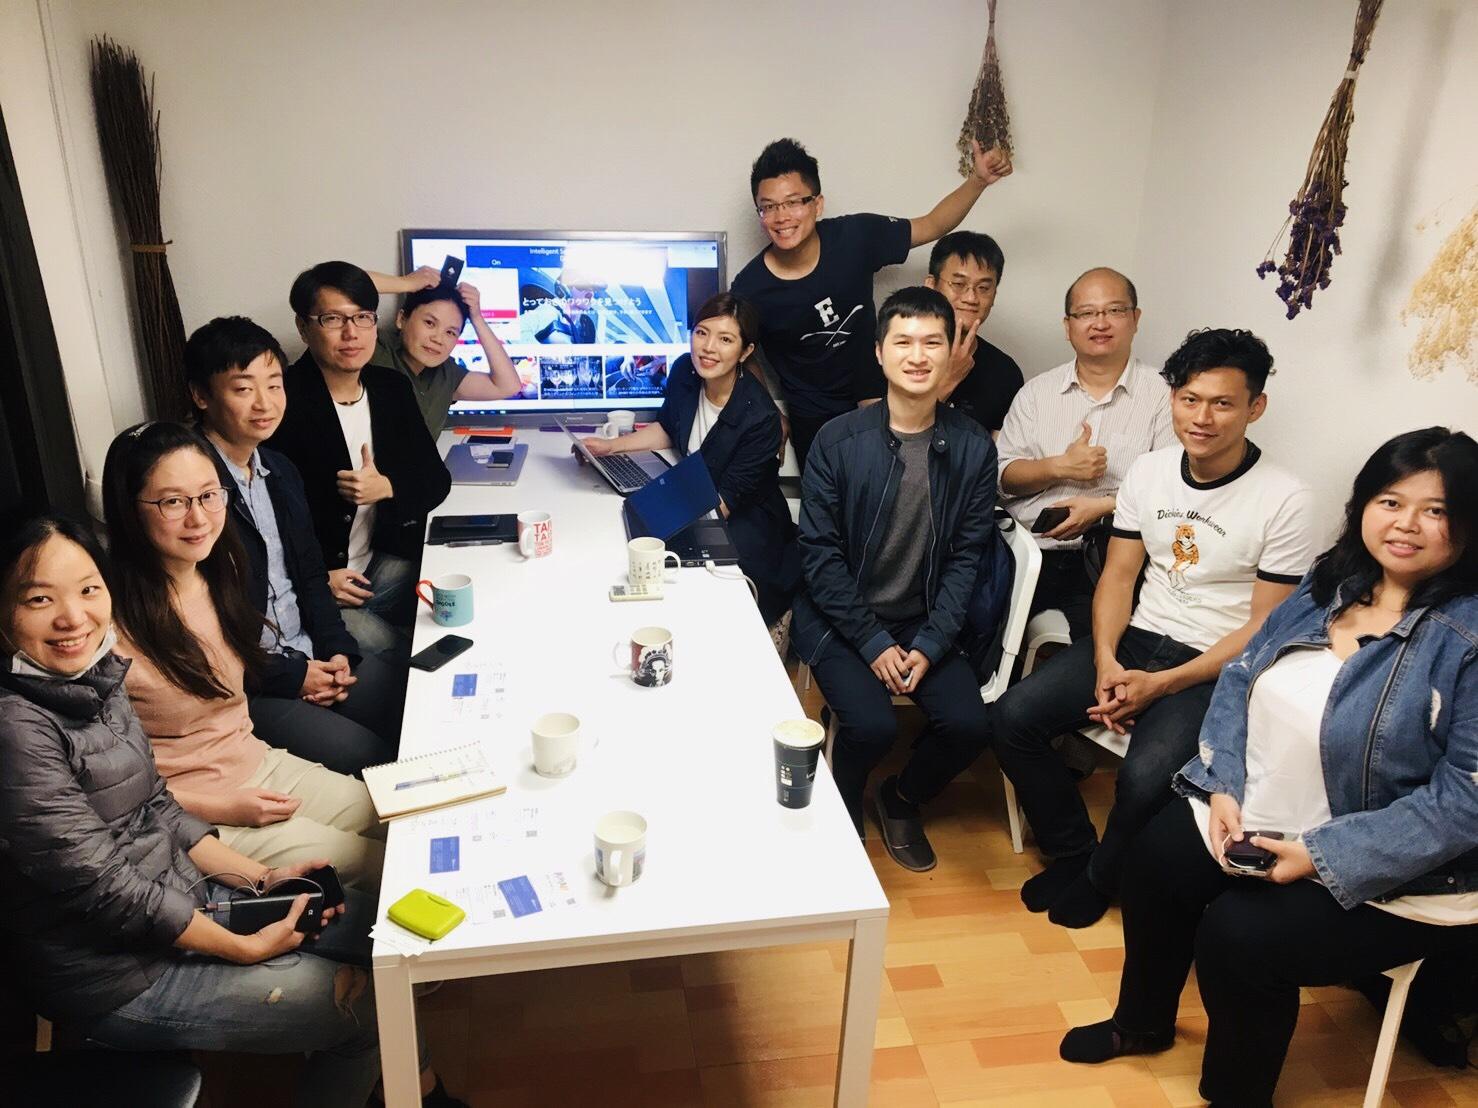 201811 Asoview跨境媒合會 活動照片2